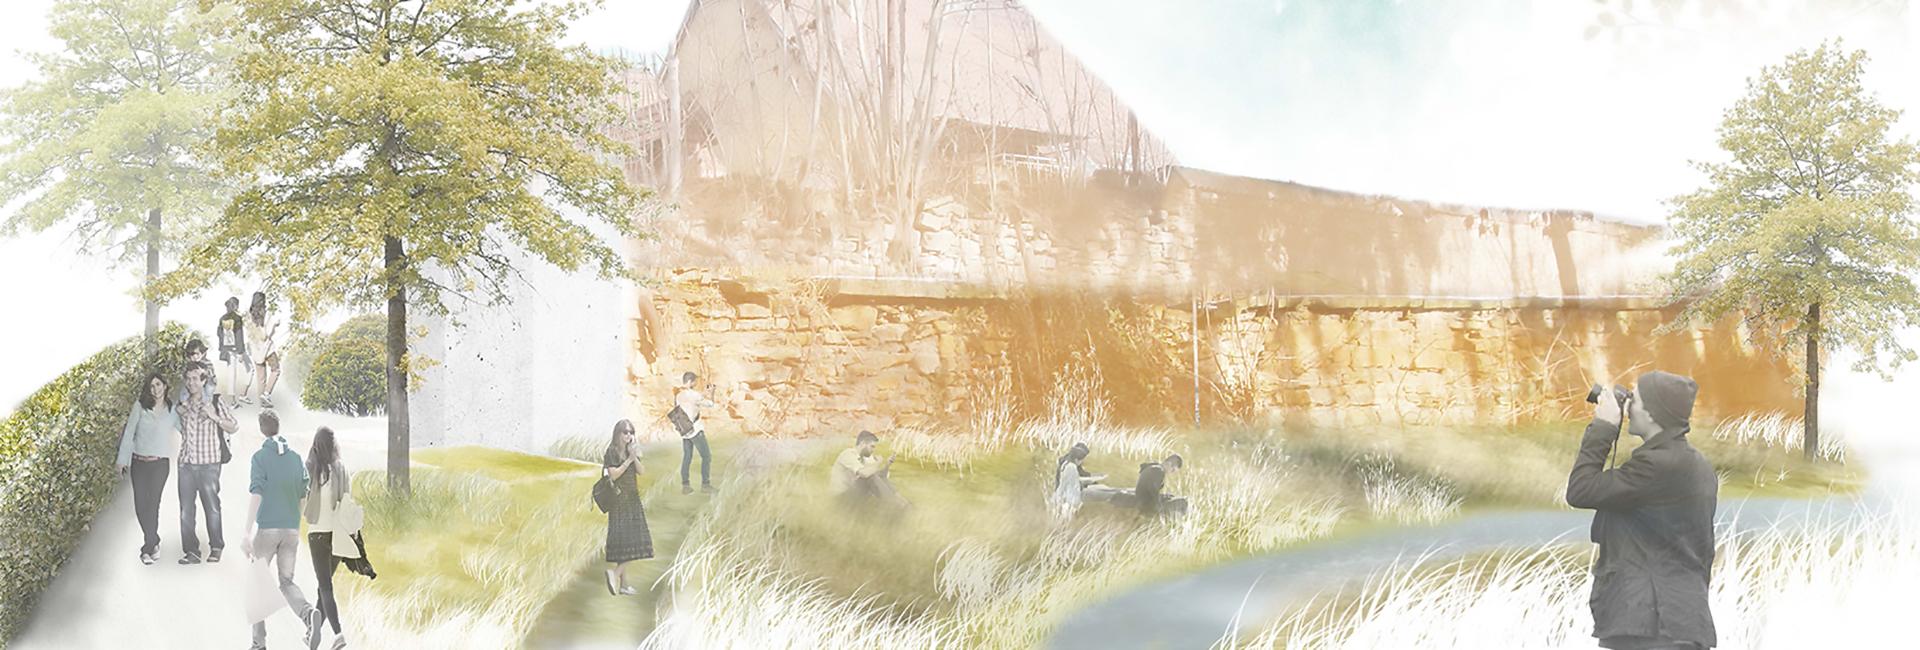 Zeichnung von einer Uferlandschaft, an der Menschen sitzen und spazierengehen